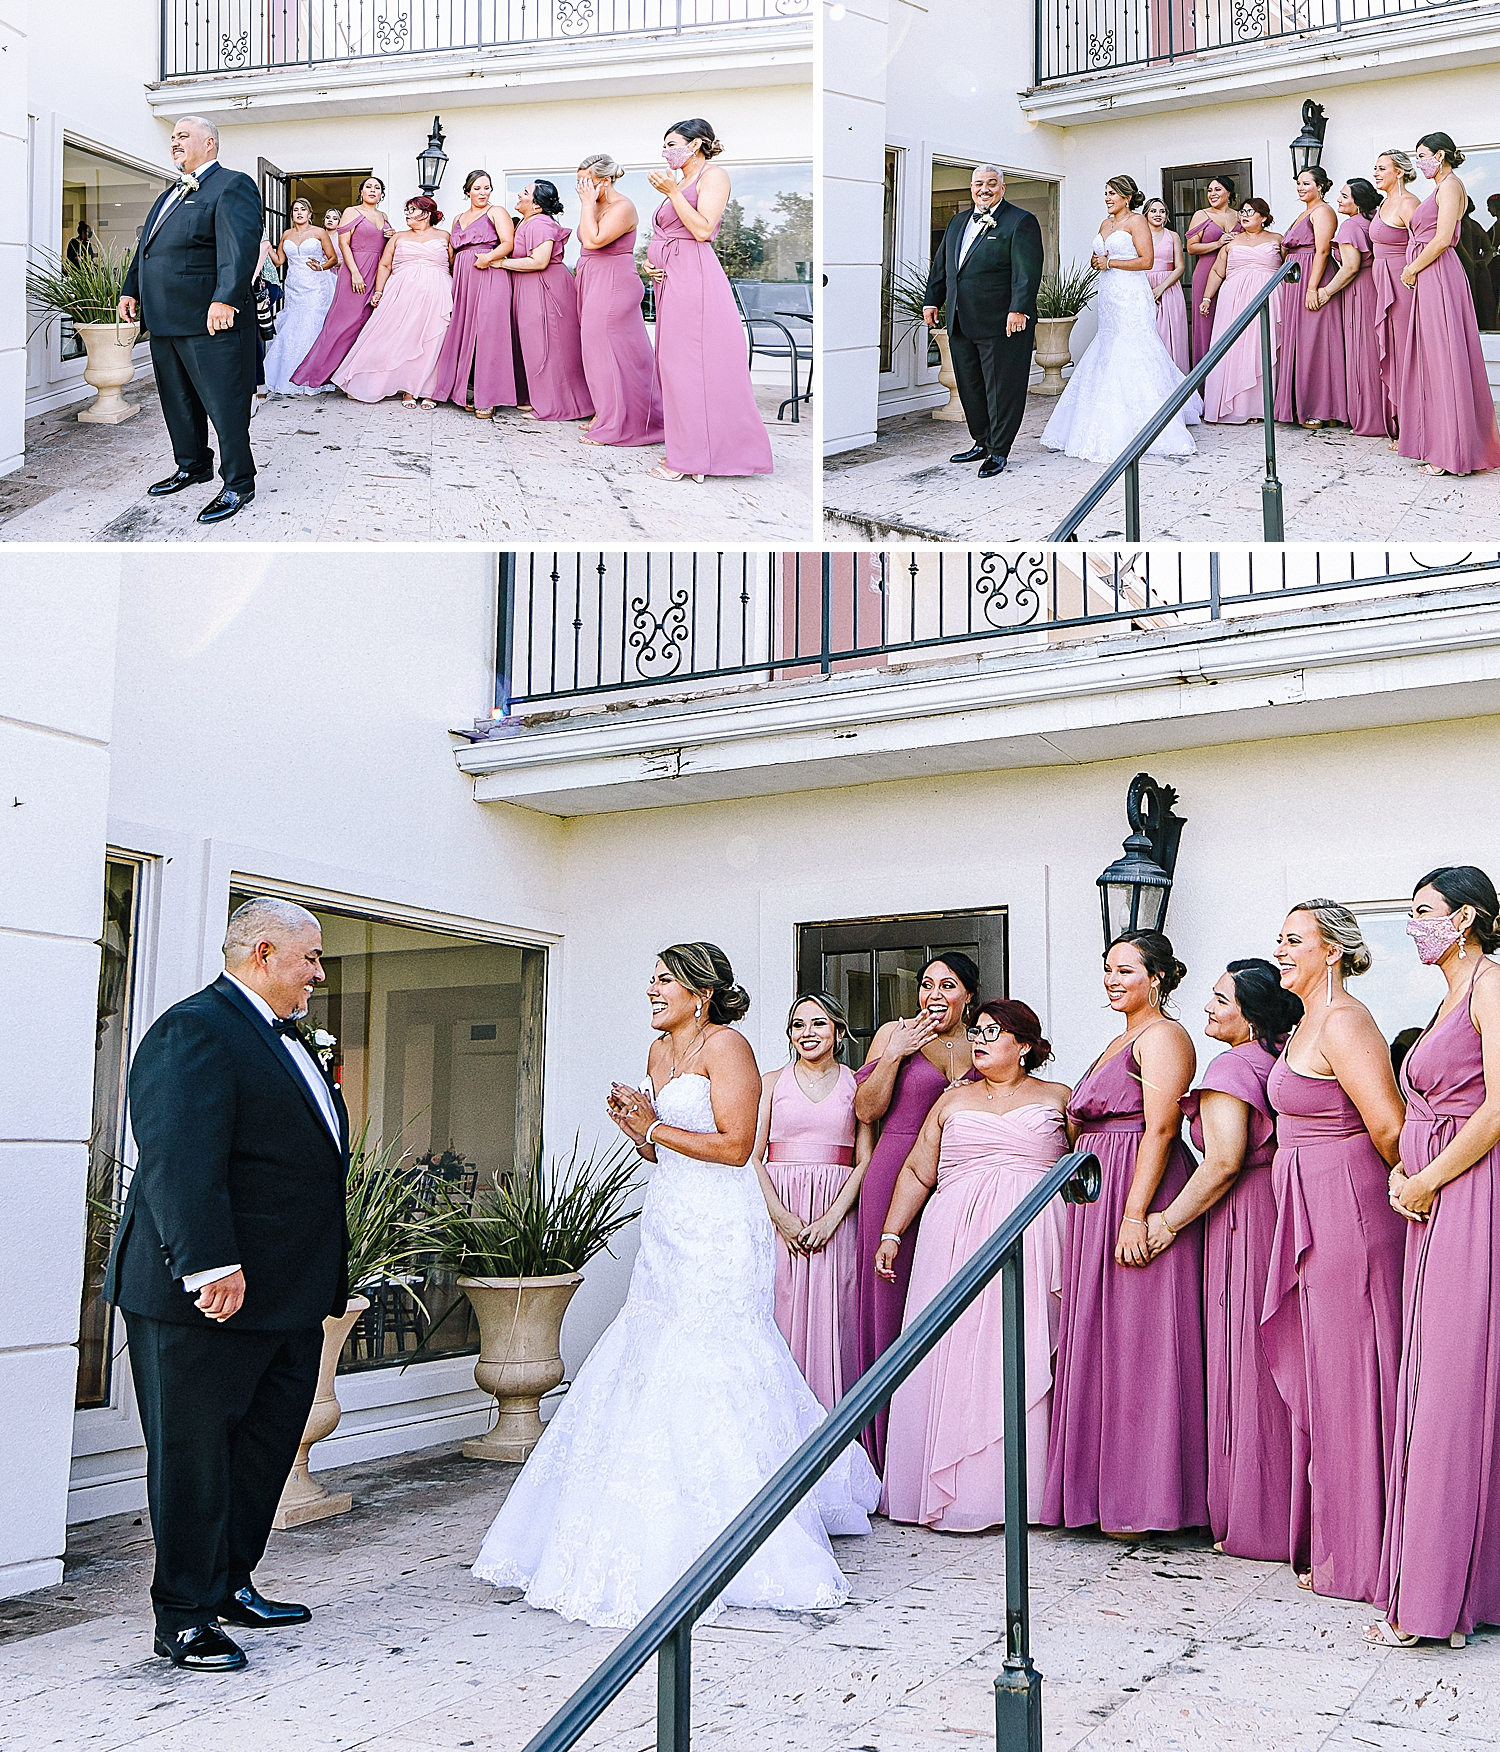 Carly-Barton-Photography-The-Villa-at-Cielo-Vista-Blush-Gold-White-Wedding-Photos_0117.jpg